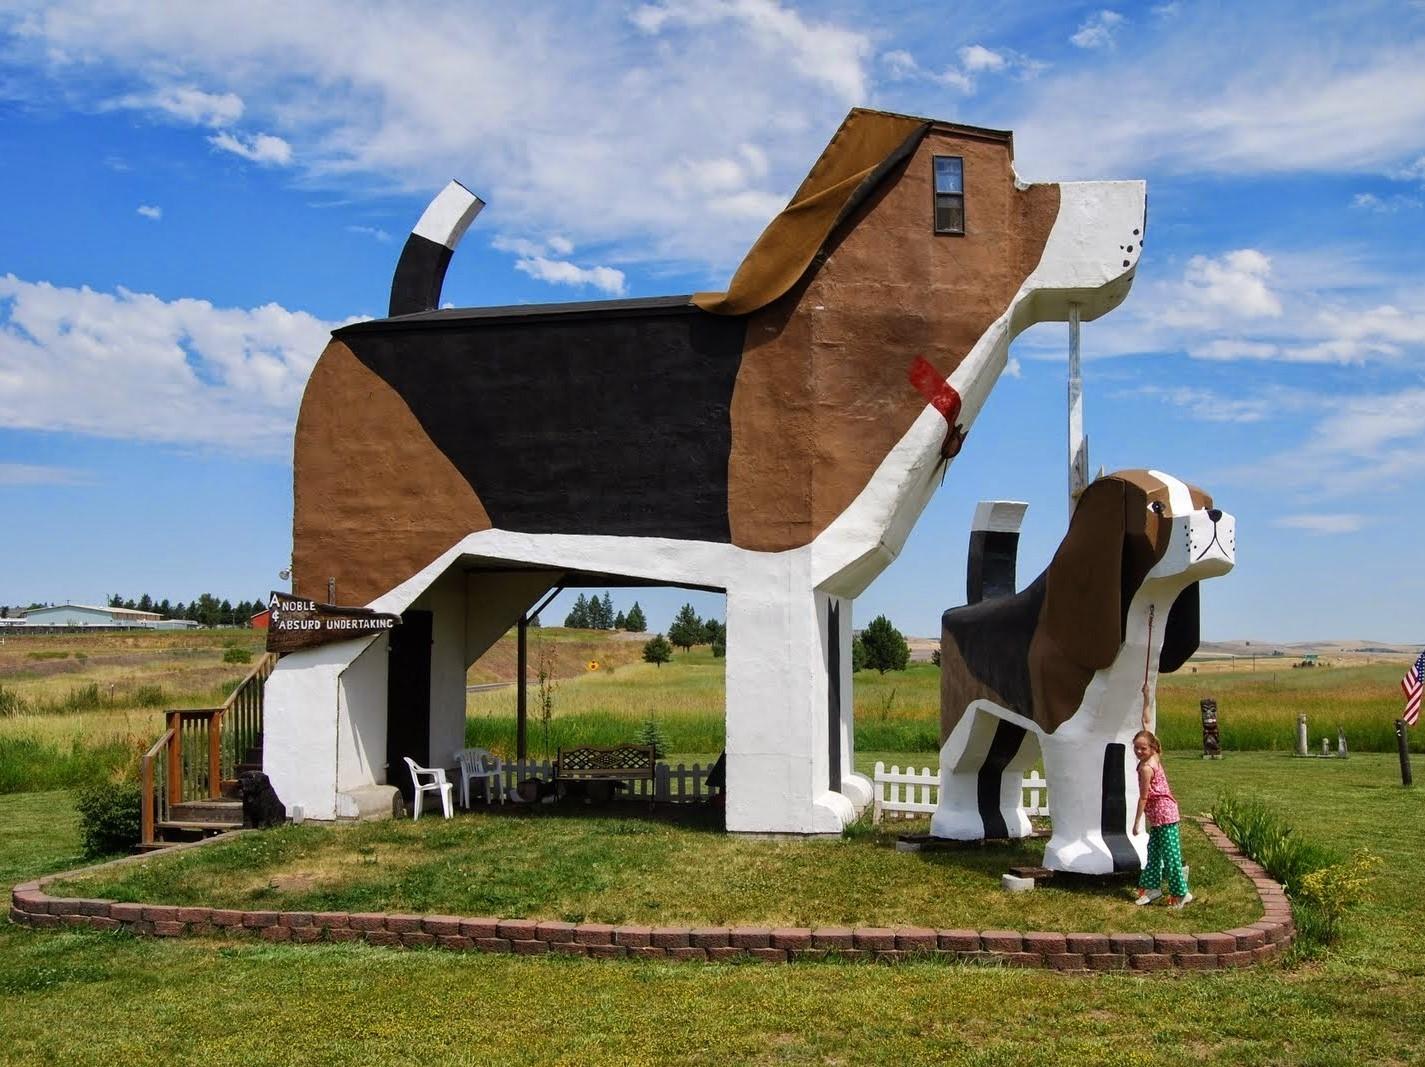 MyPhotoPics: Dog Bark Park Inn, Αϊντάχο, ΗΠΑ